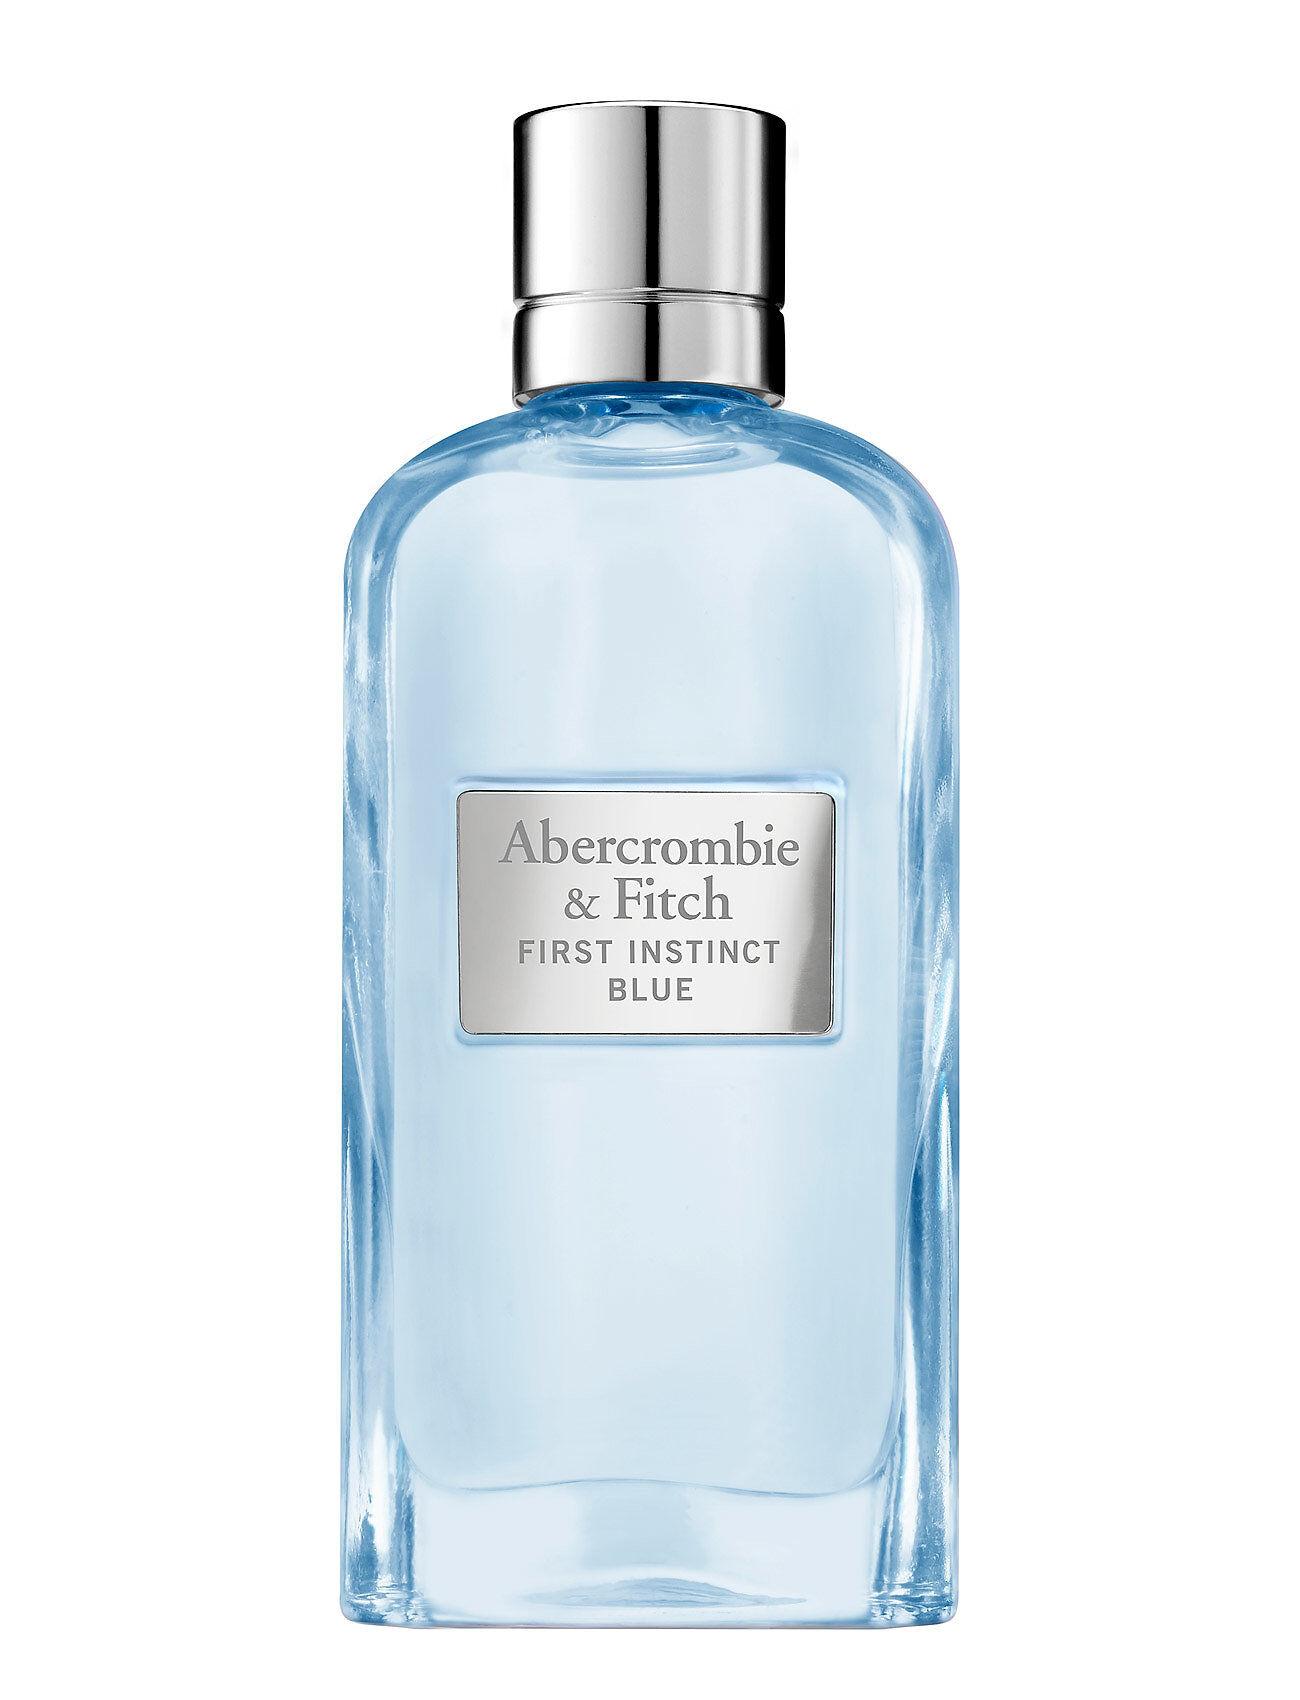 Abercrombie & Fitch First Instinct Blue For Her Eau De Parfum